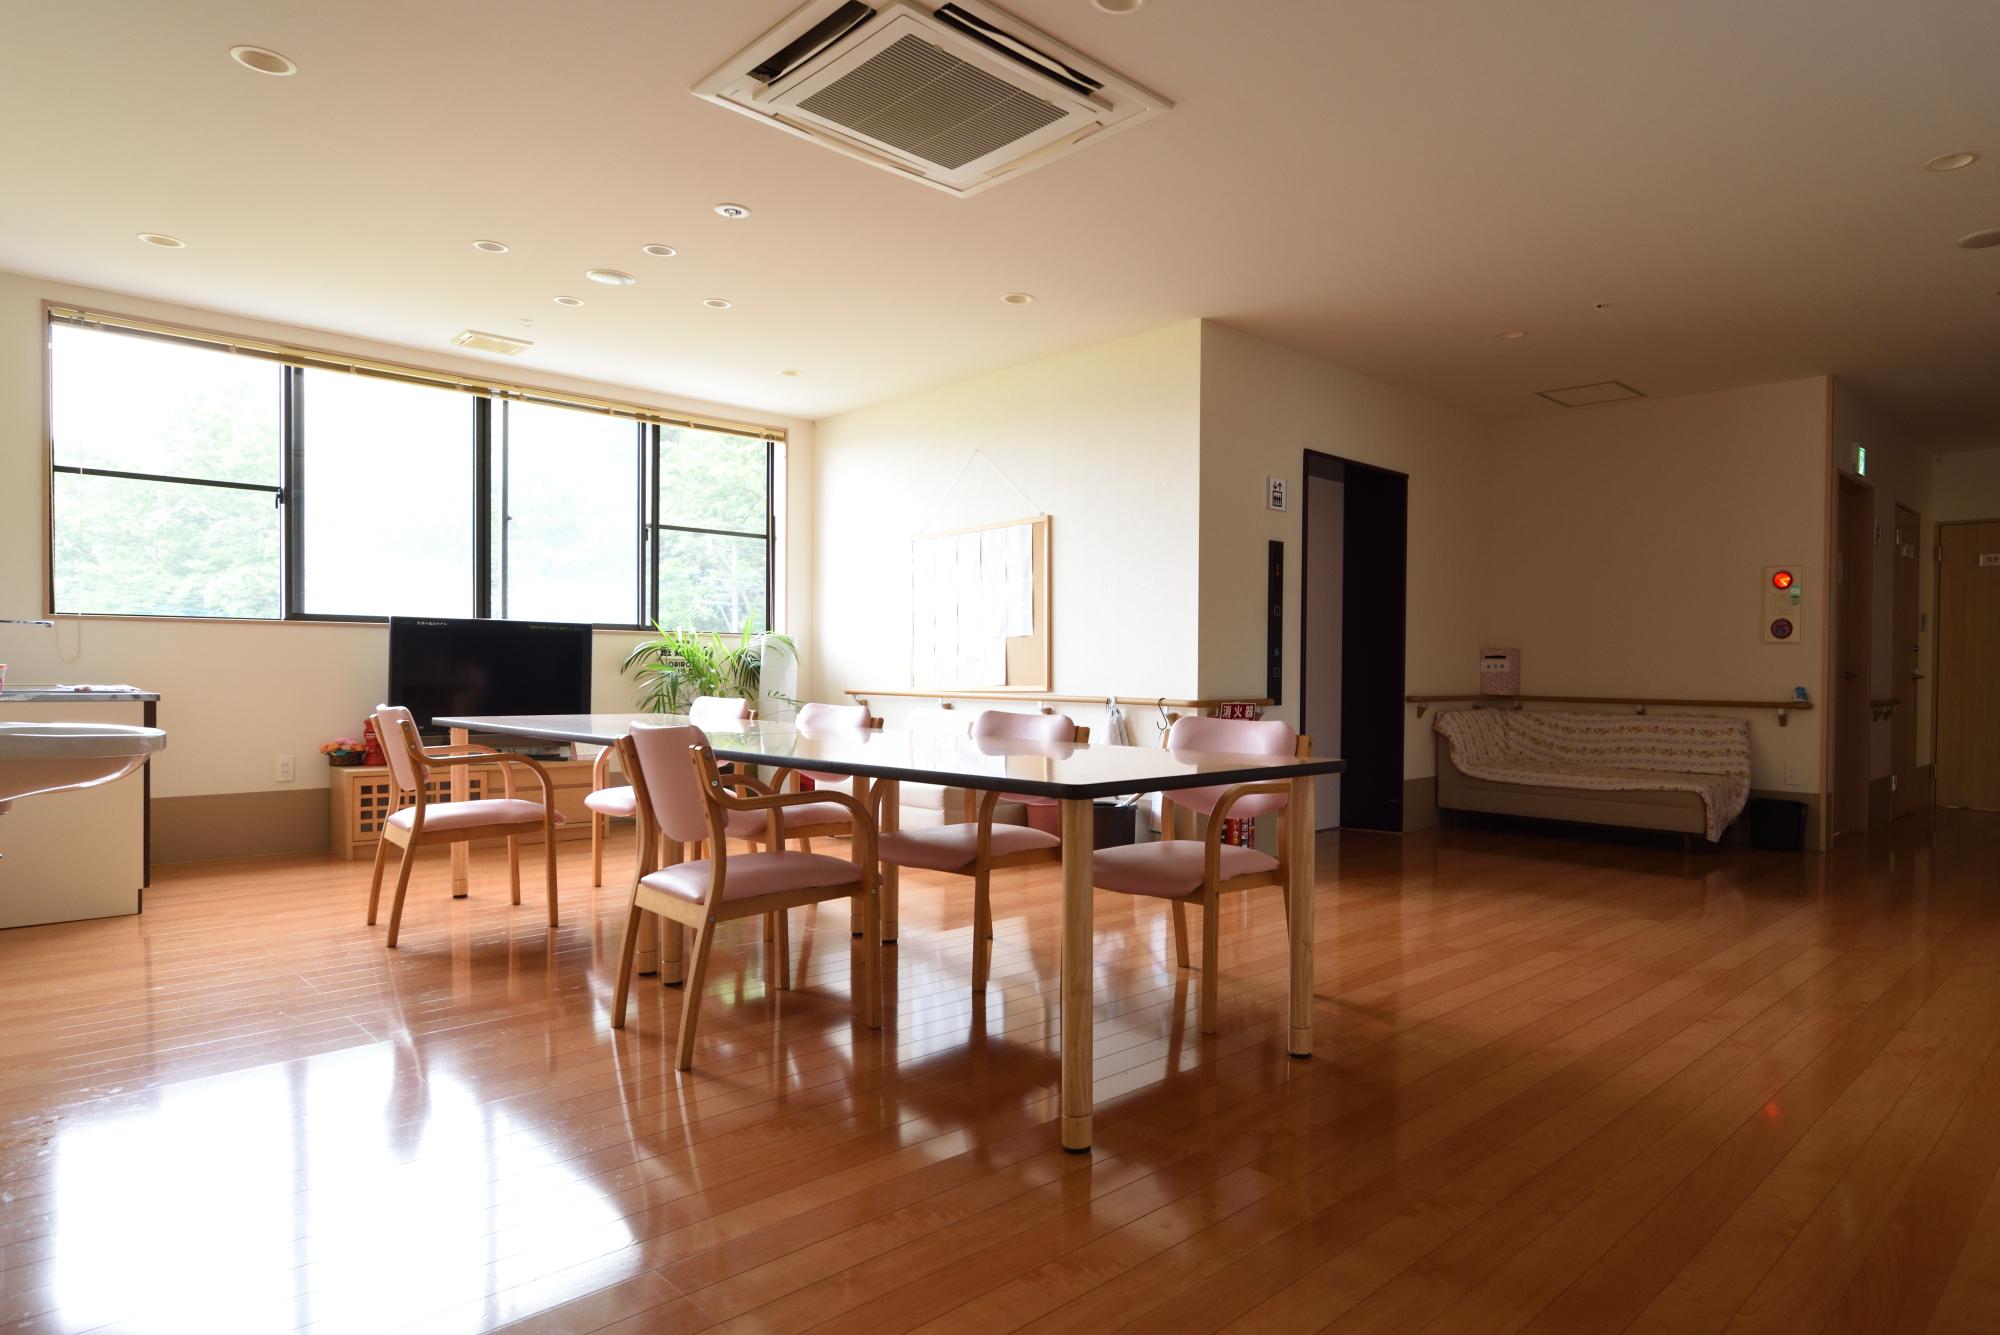 住宅型有料老人ホームの利用狀況 - NPO法人くらしと介護